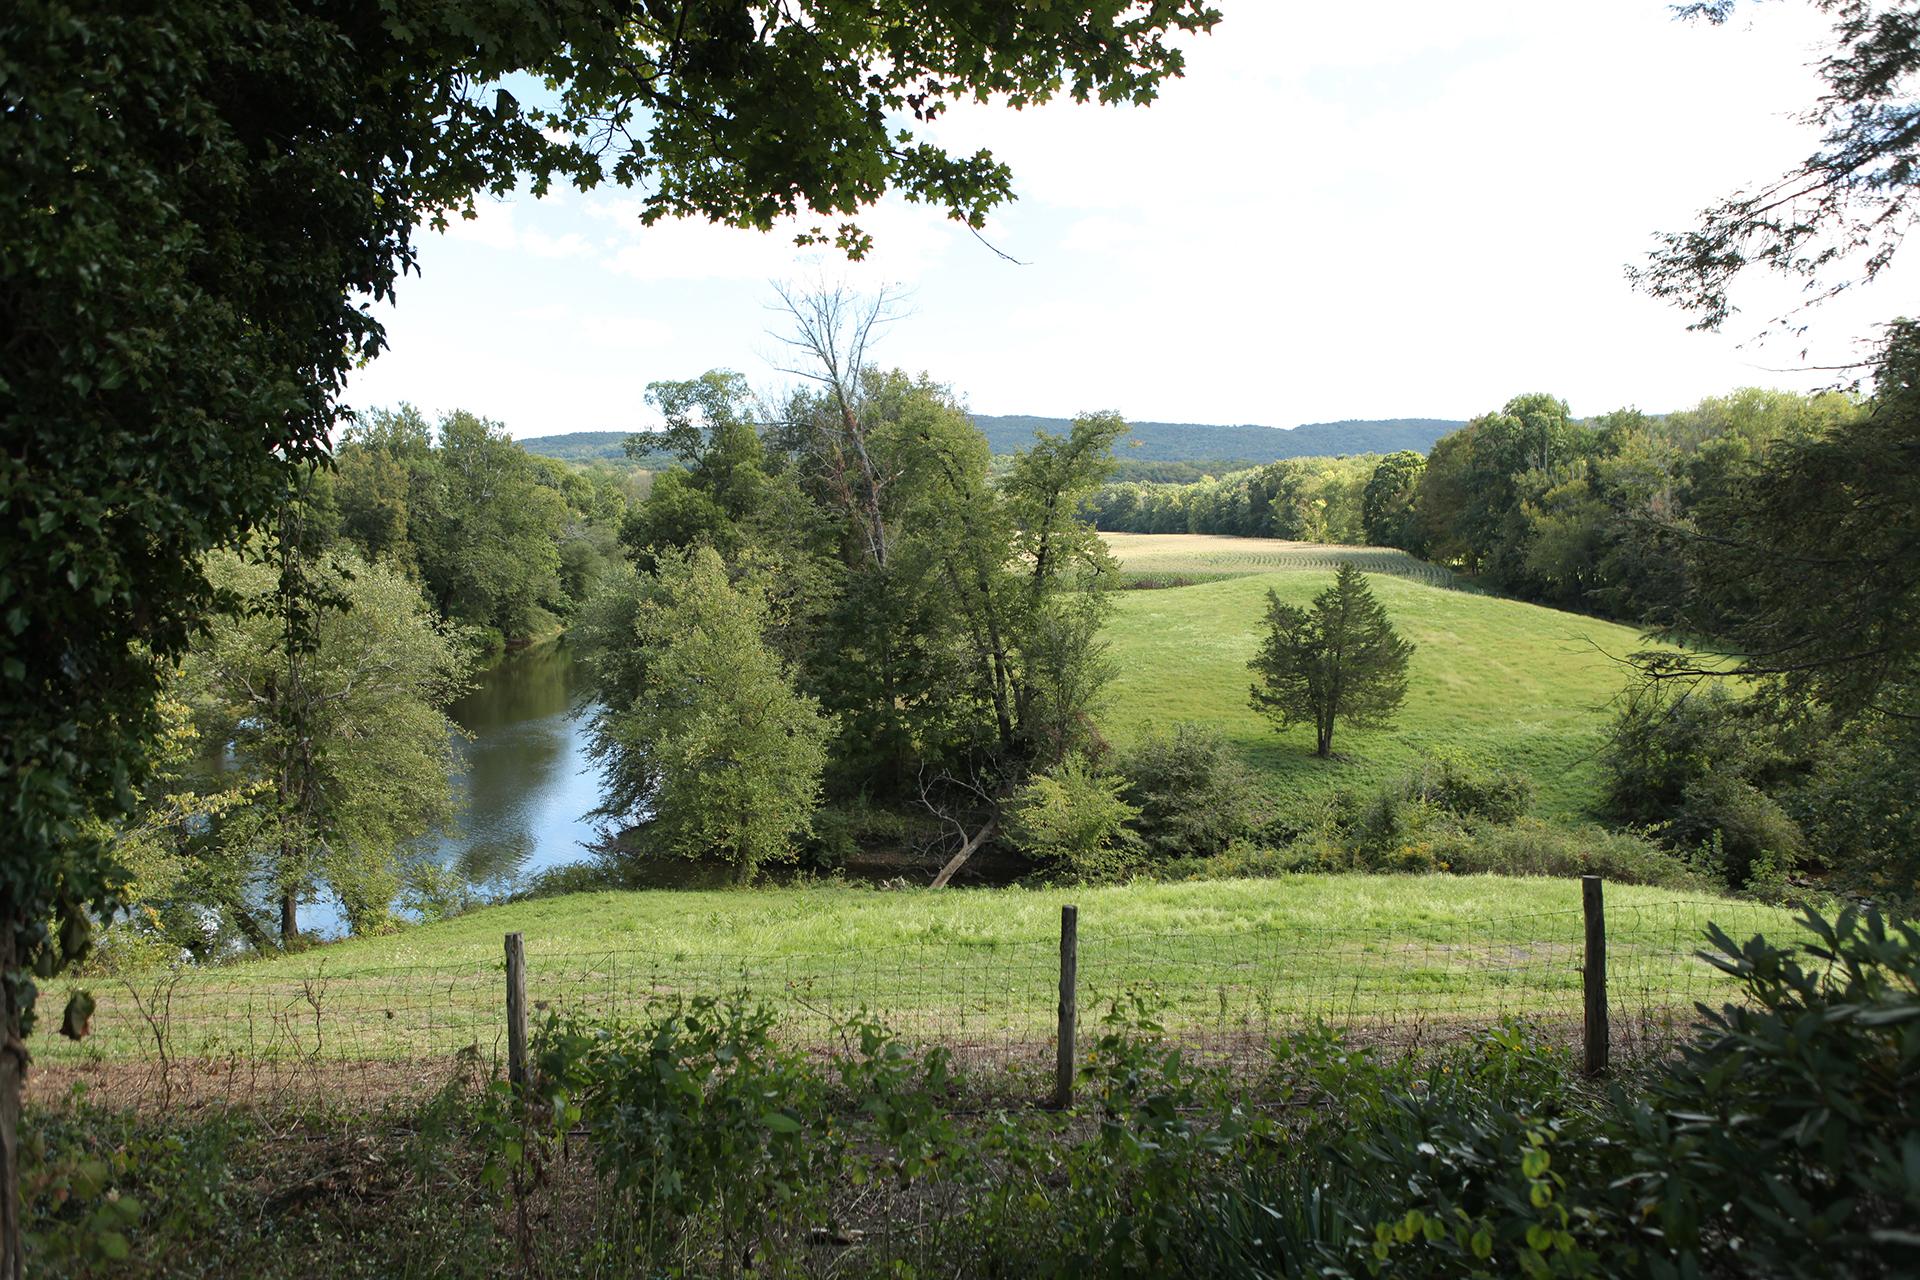 Farm Fields along the Rondout Creek